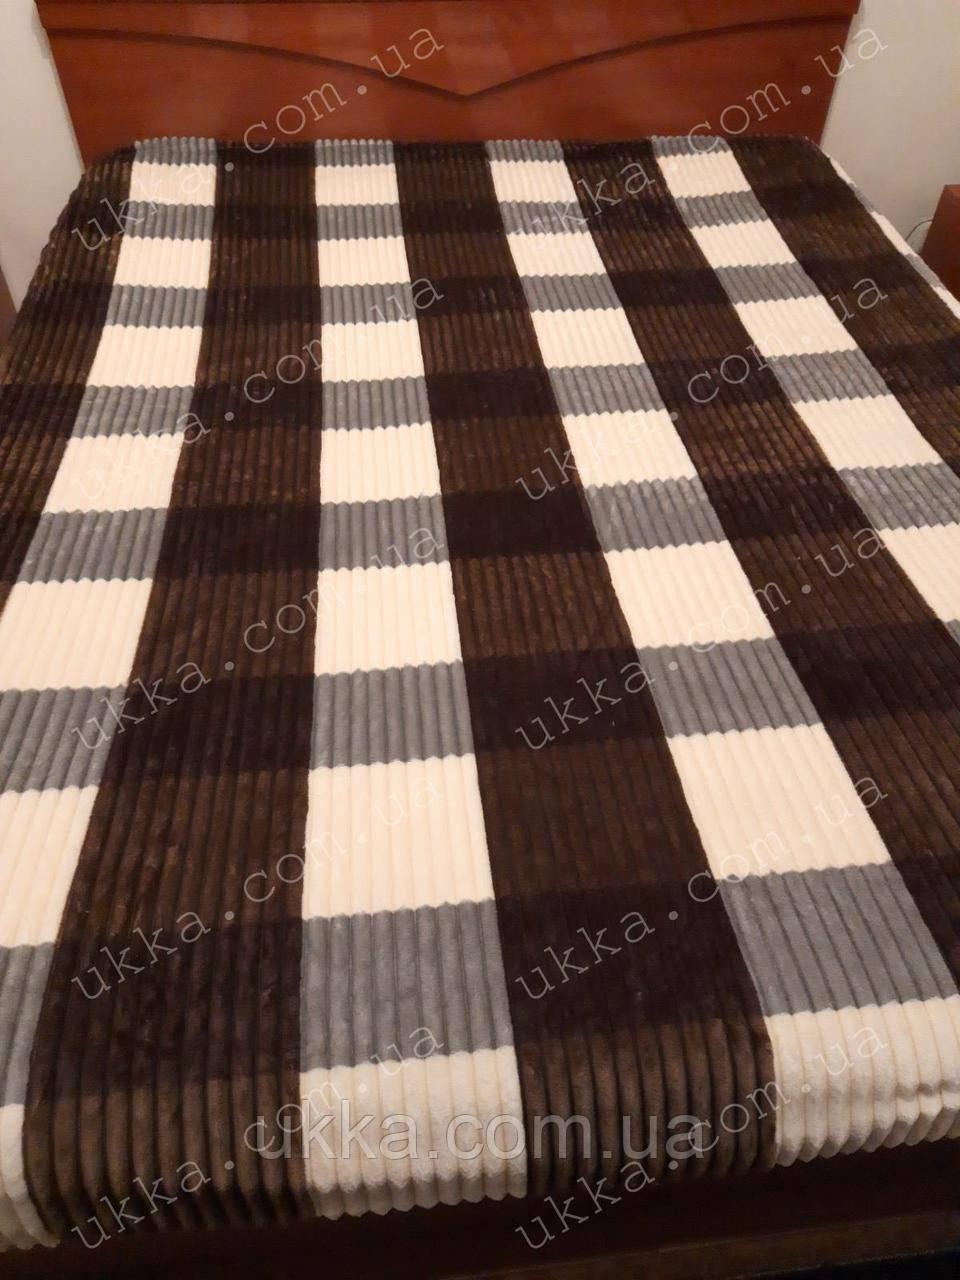 Покрывало плед Шарпей плюшевое 200х230 коричнево-серый